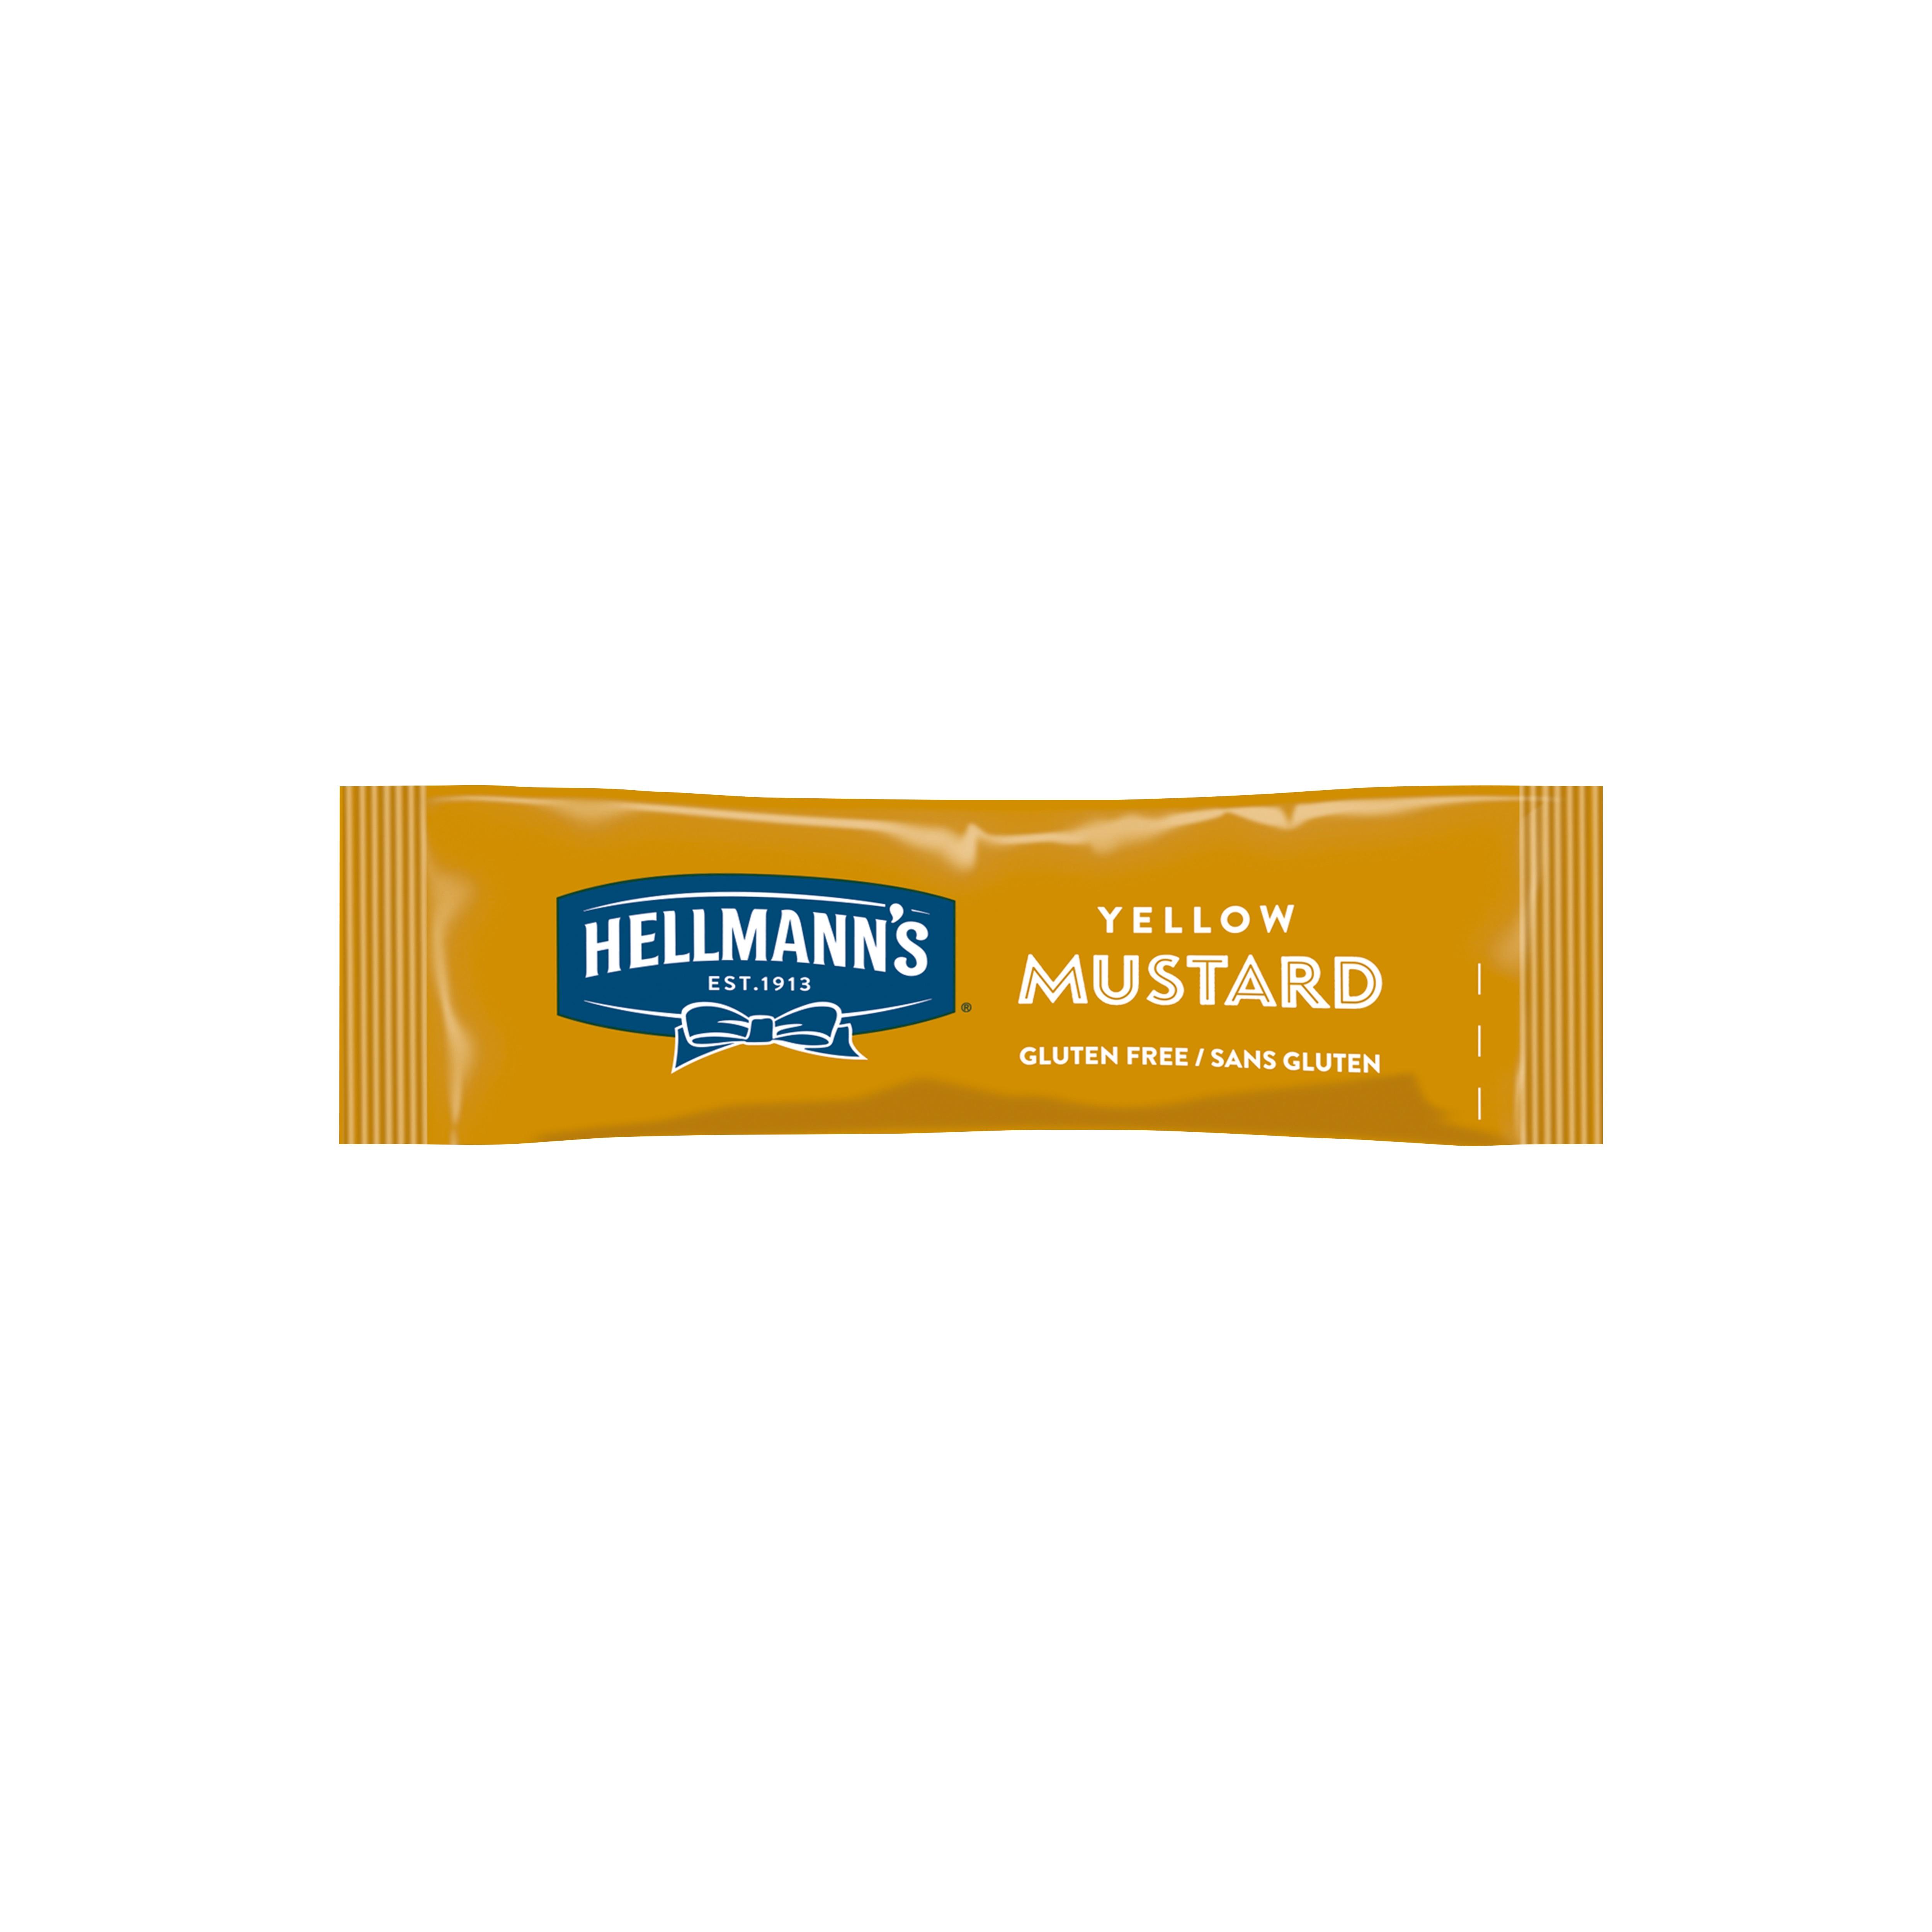 Hellmann's Senf 198 x 10 ml - Hellmann's hladni umaci u jednostavnom porcijskom pakiranju